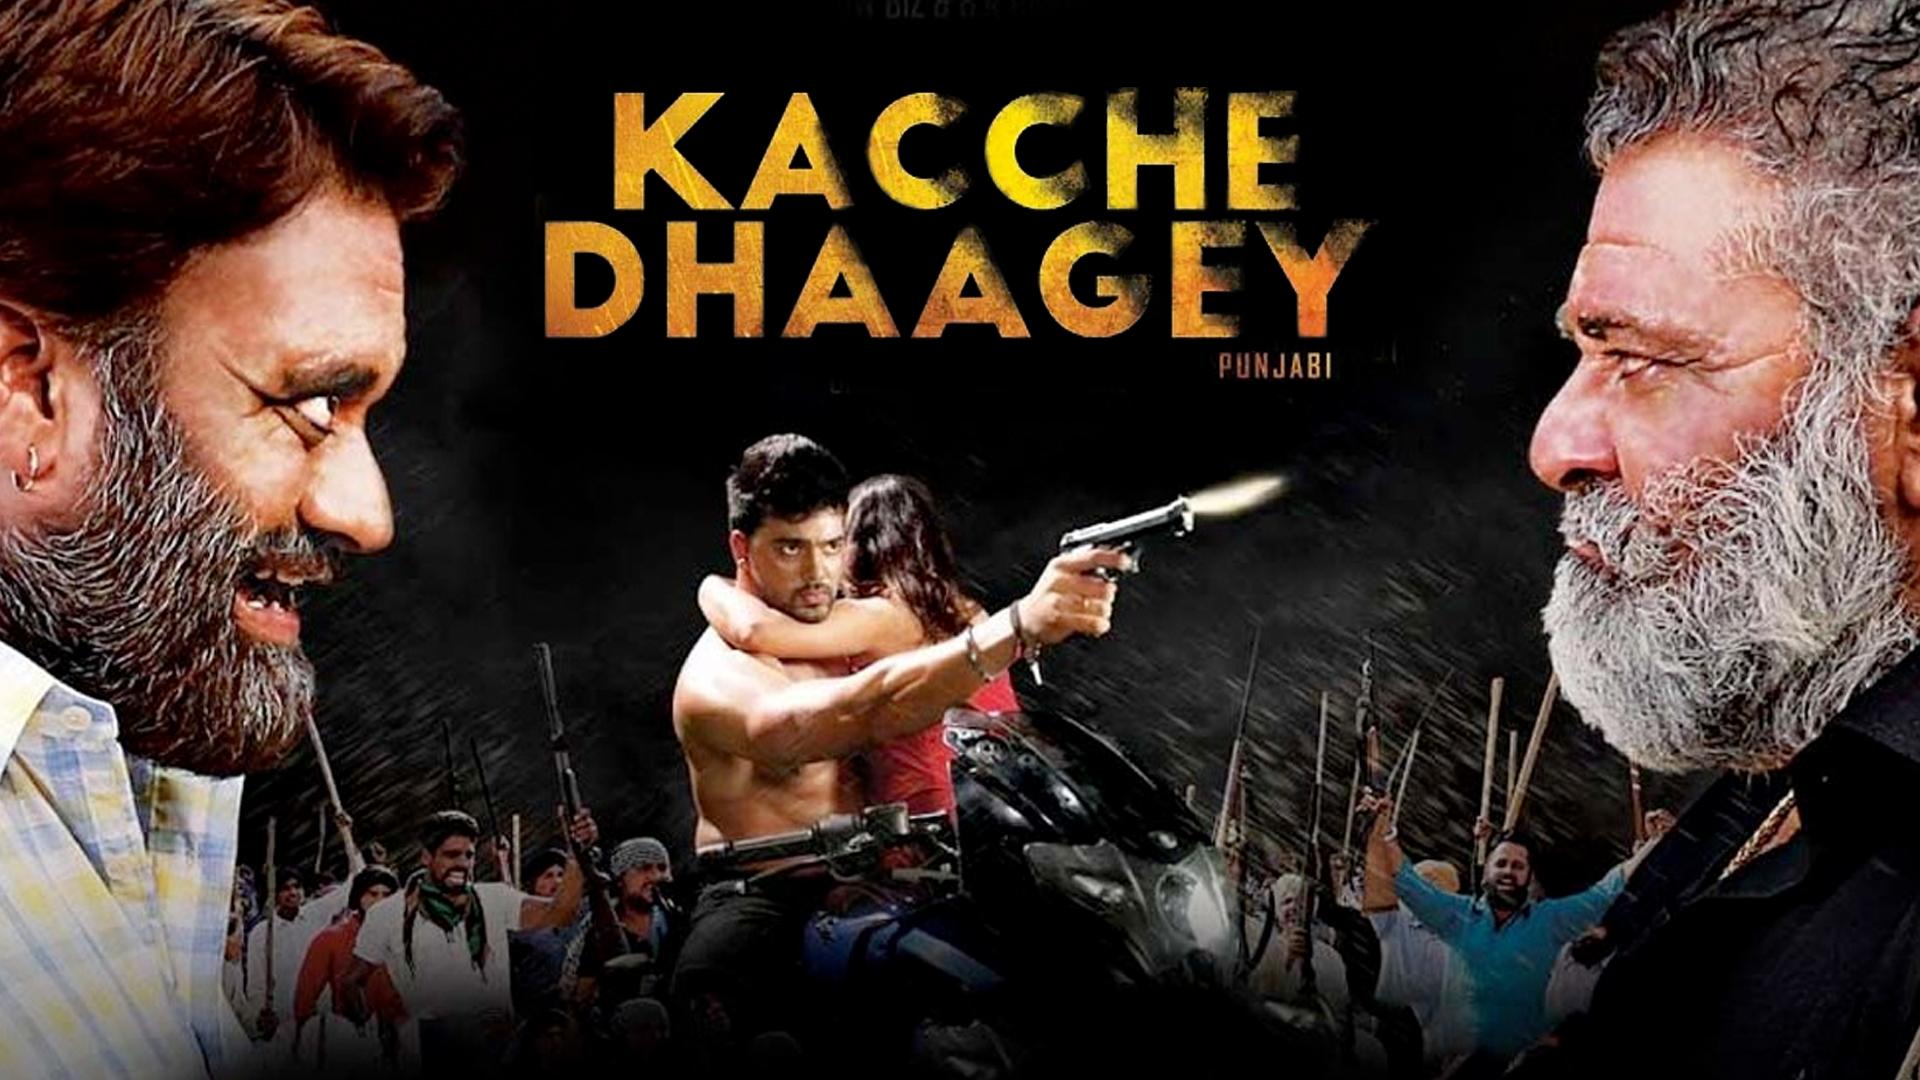 Kacche Dhaagey